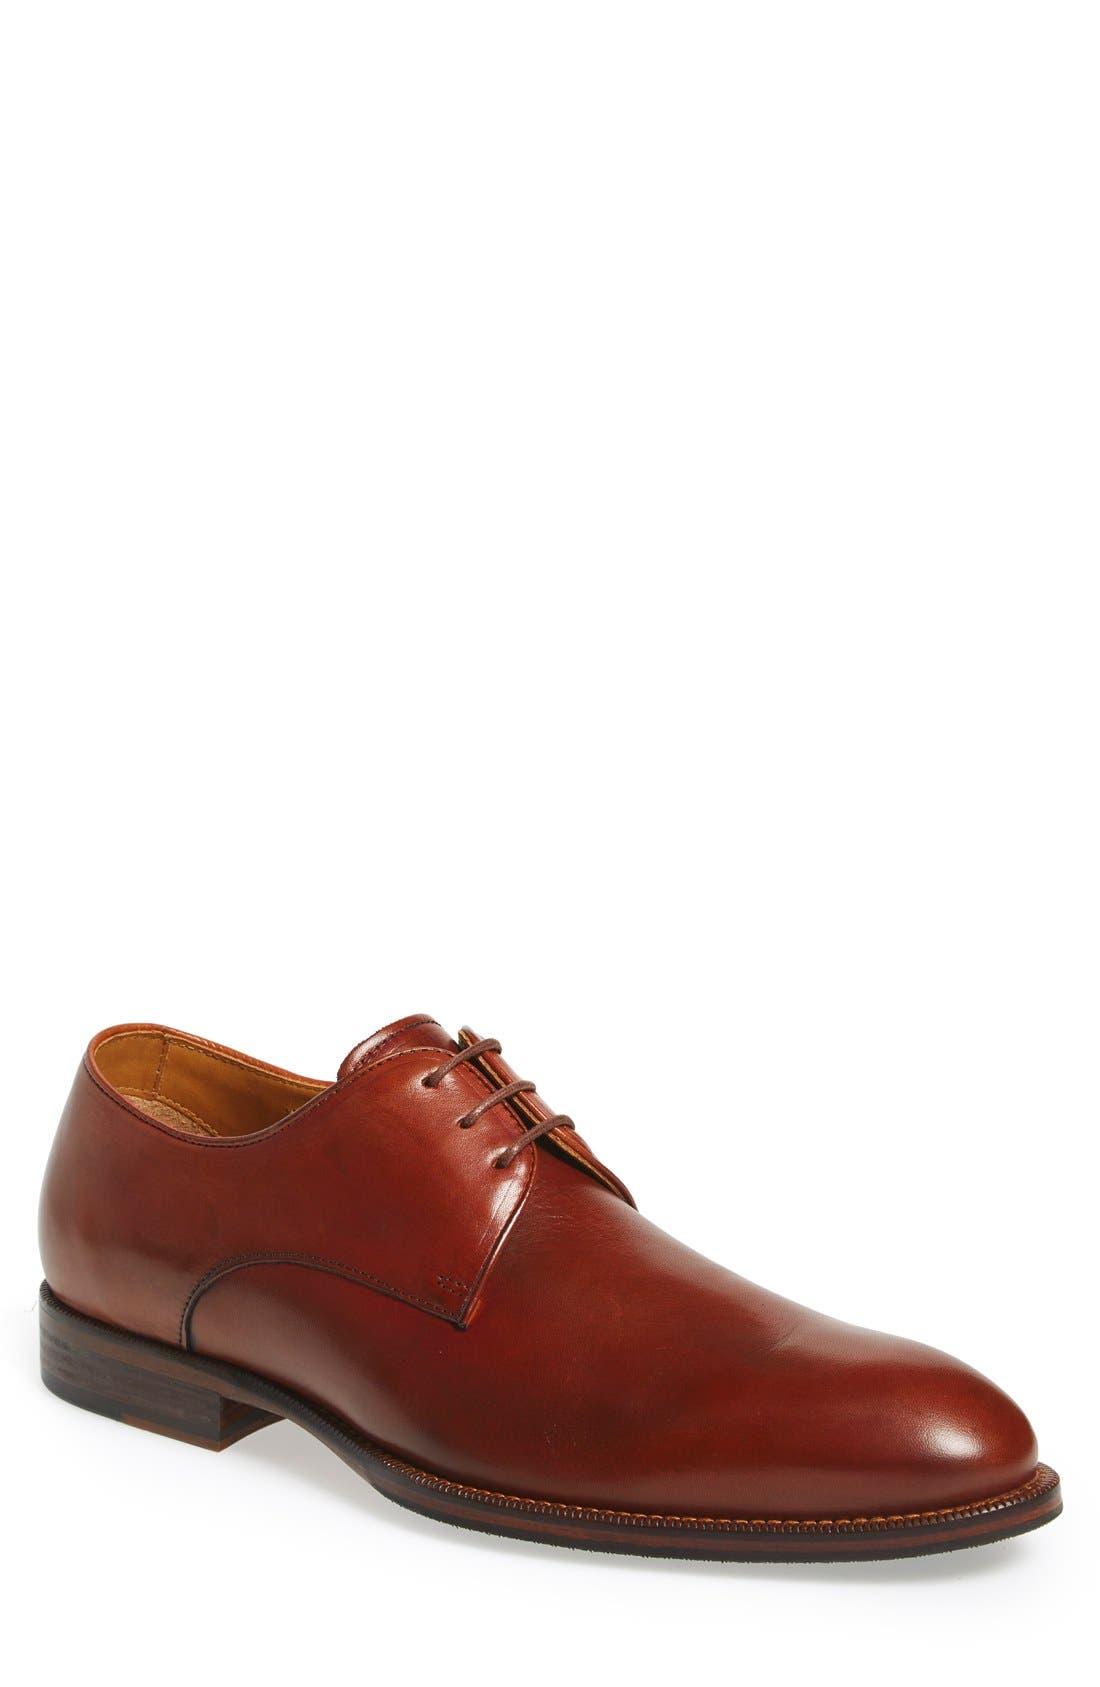 'Brogan' Derby,                             Main thumbnail 1, color,                             Cognac Leather